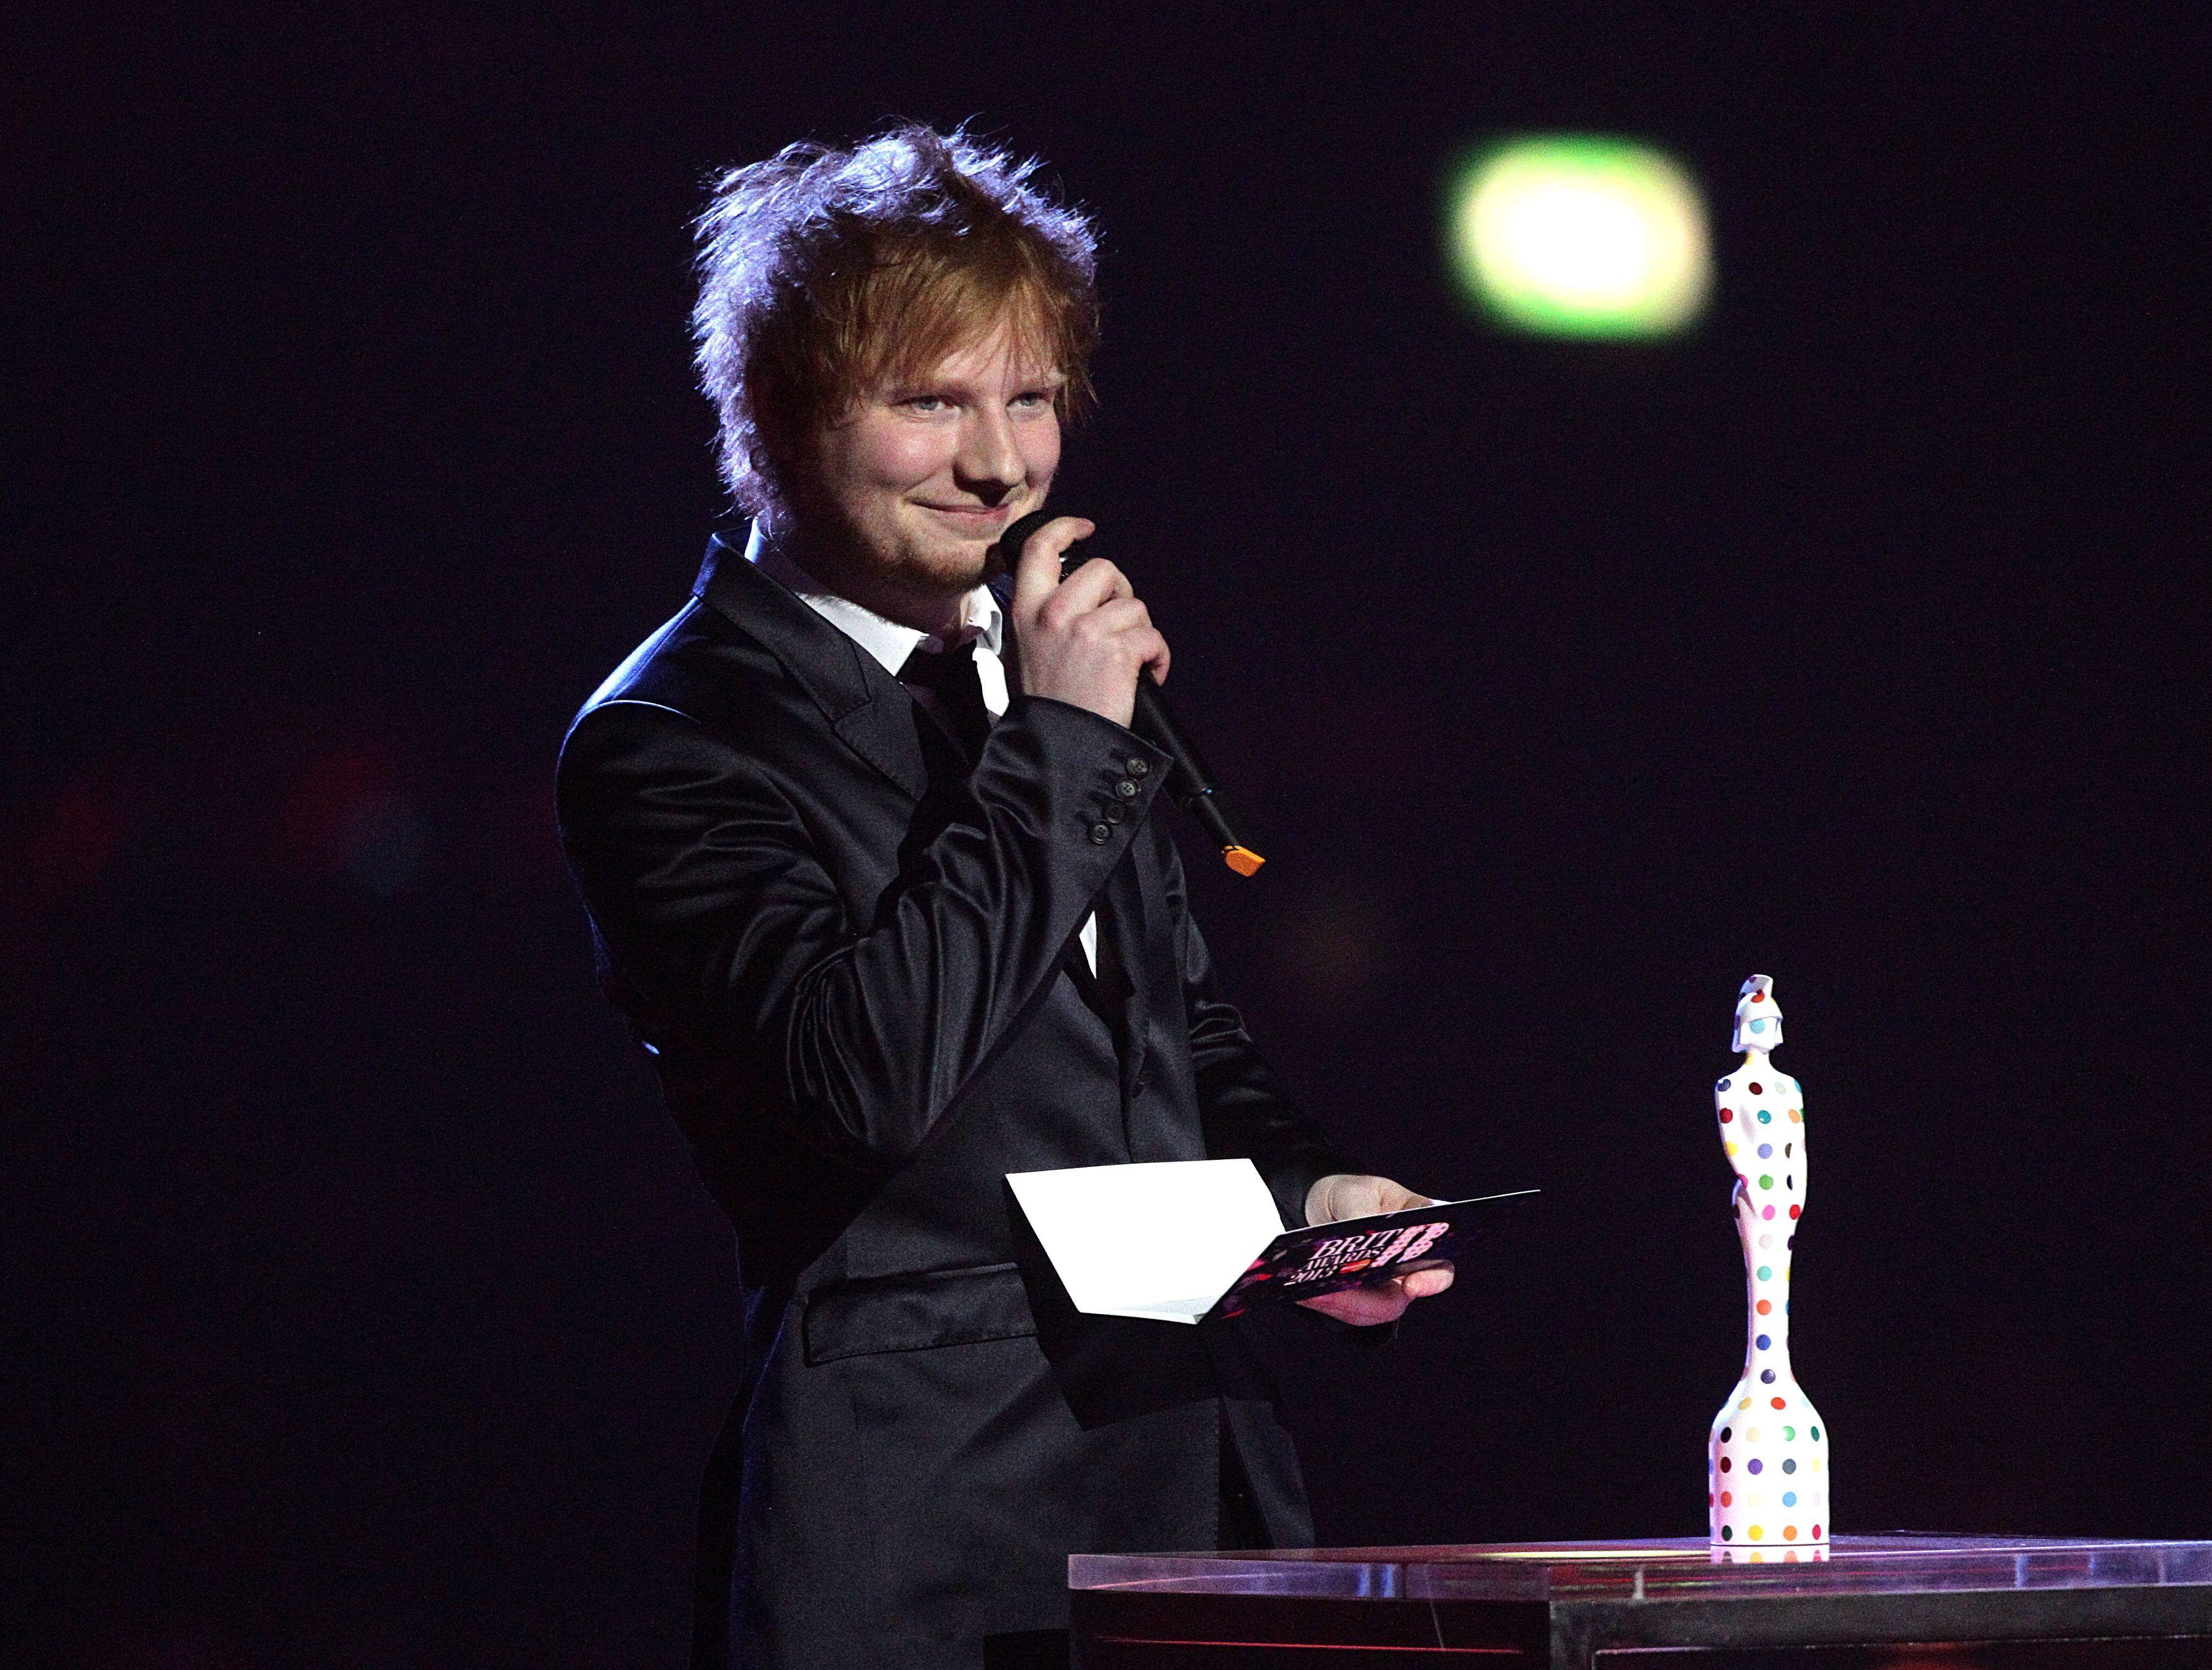 Ed Sheeran advised to keep it in his pants by Sir Elton John